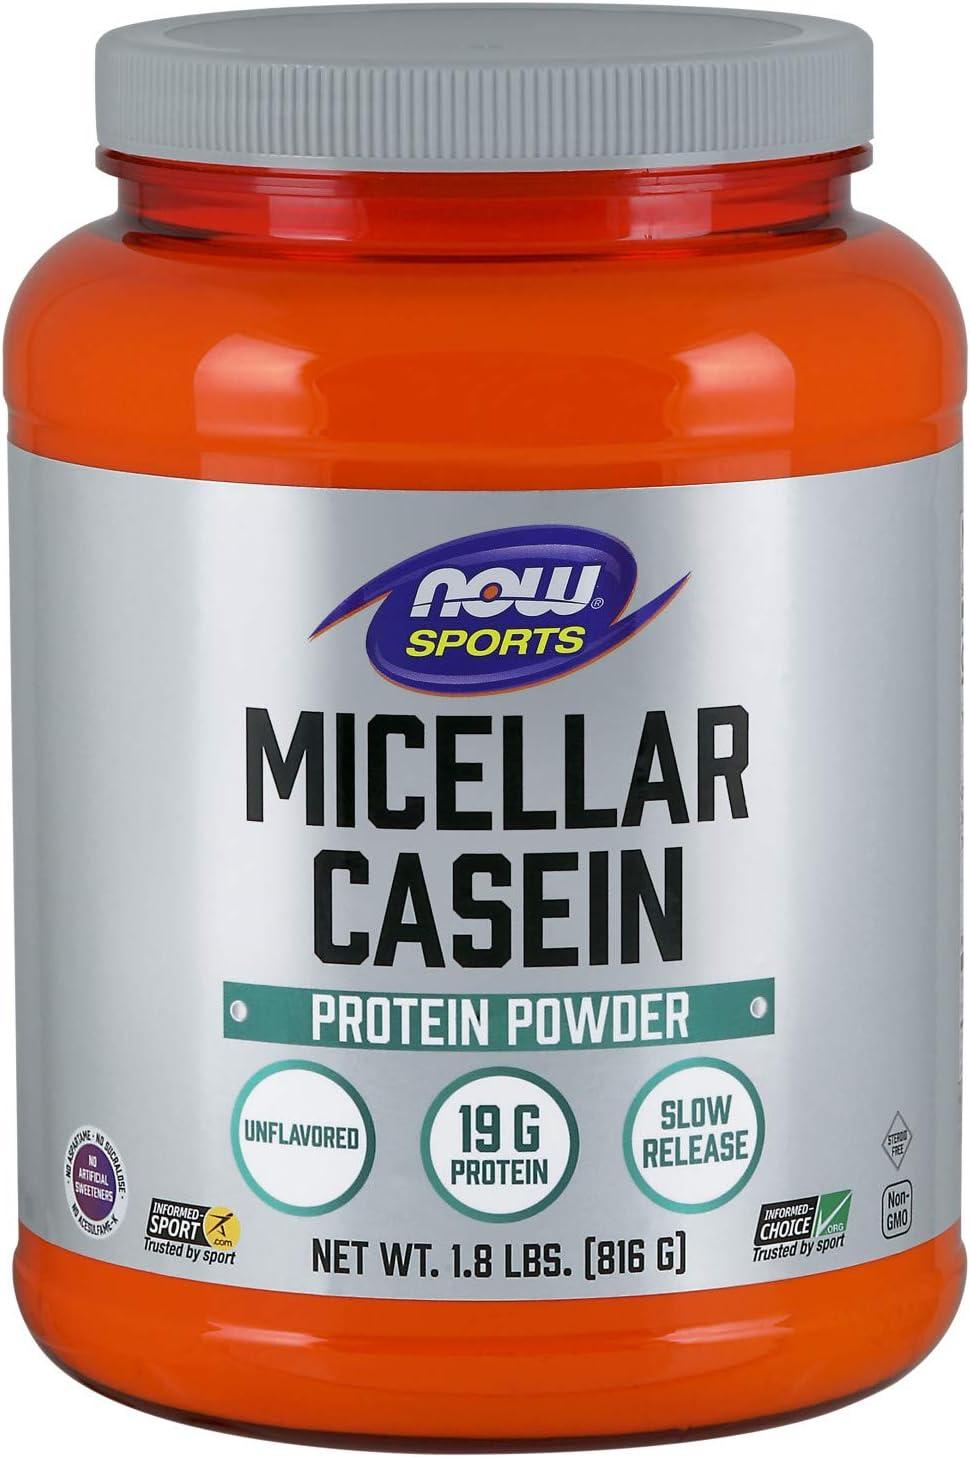 NOW Sports Nutrition, Micellar Casein 19 G, Slow Release, Unlfavored Powder, 1.8-Pound